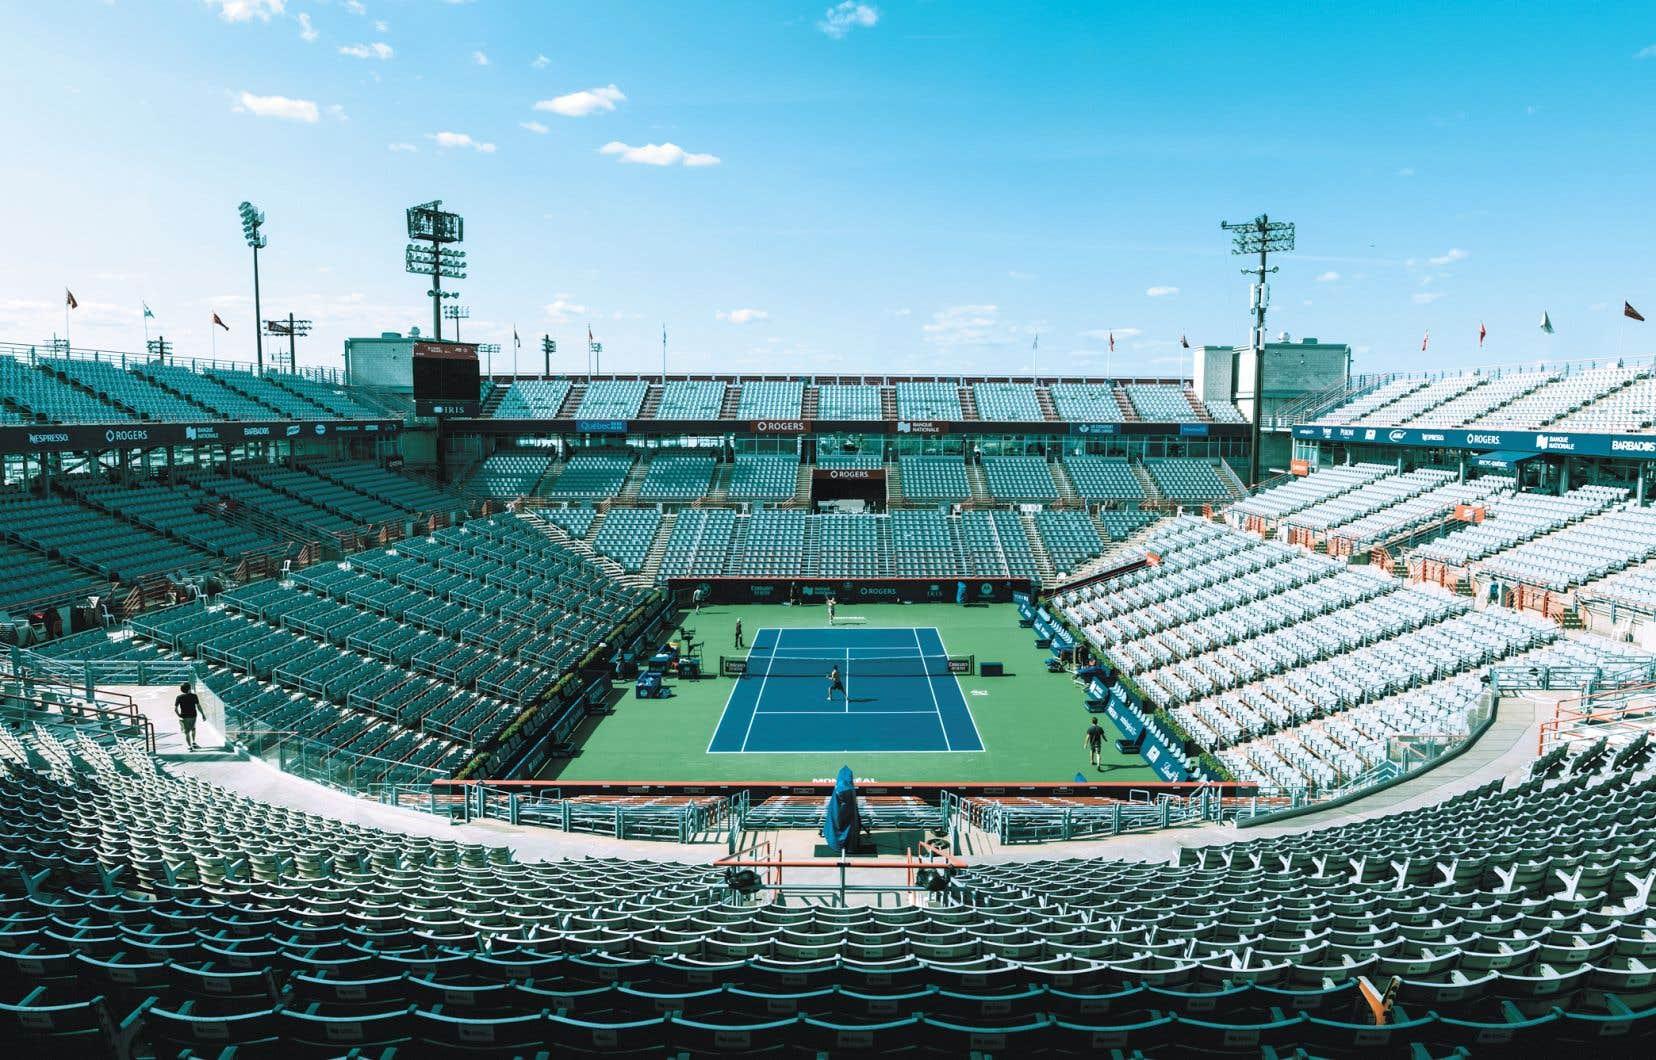 Le stade IGA aurait besoin d'un stade rétractable pour continuer à présenter le tournoir de la série Masters 1000.